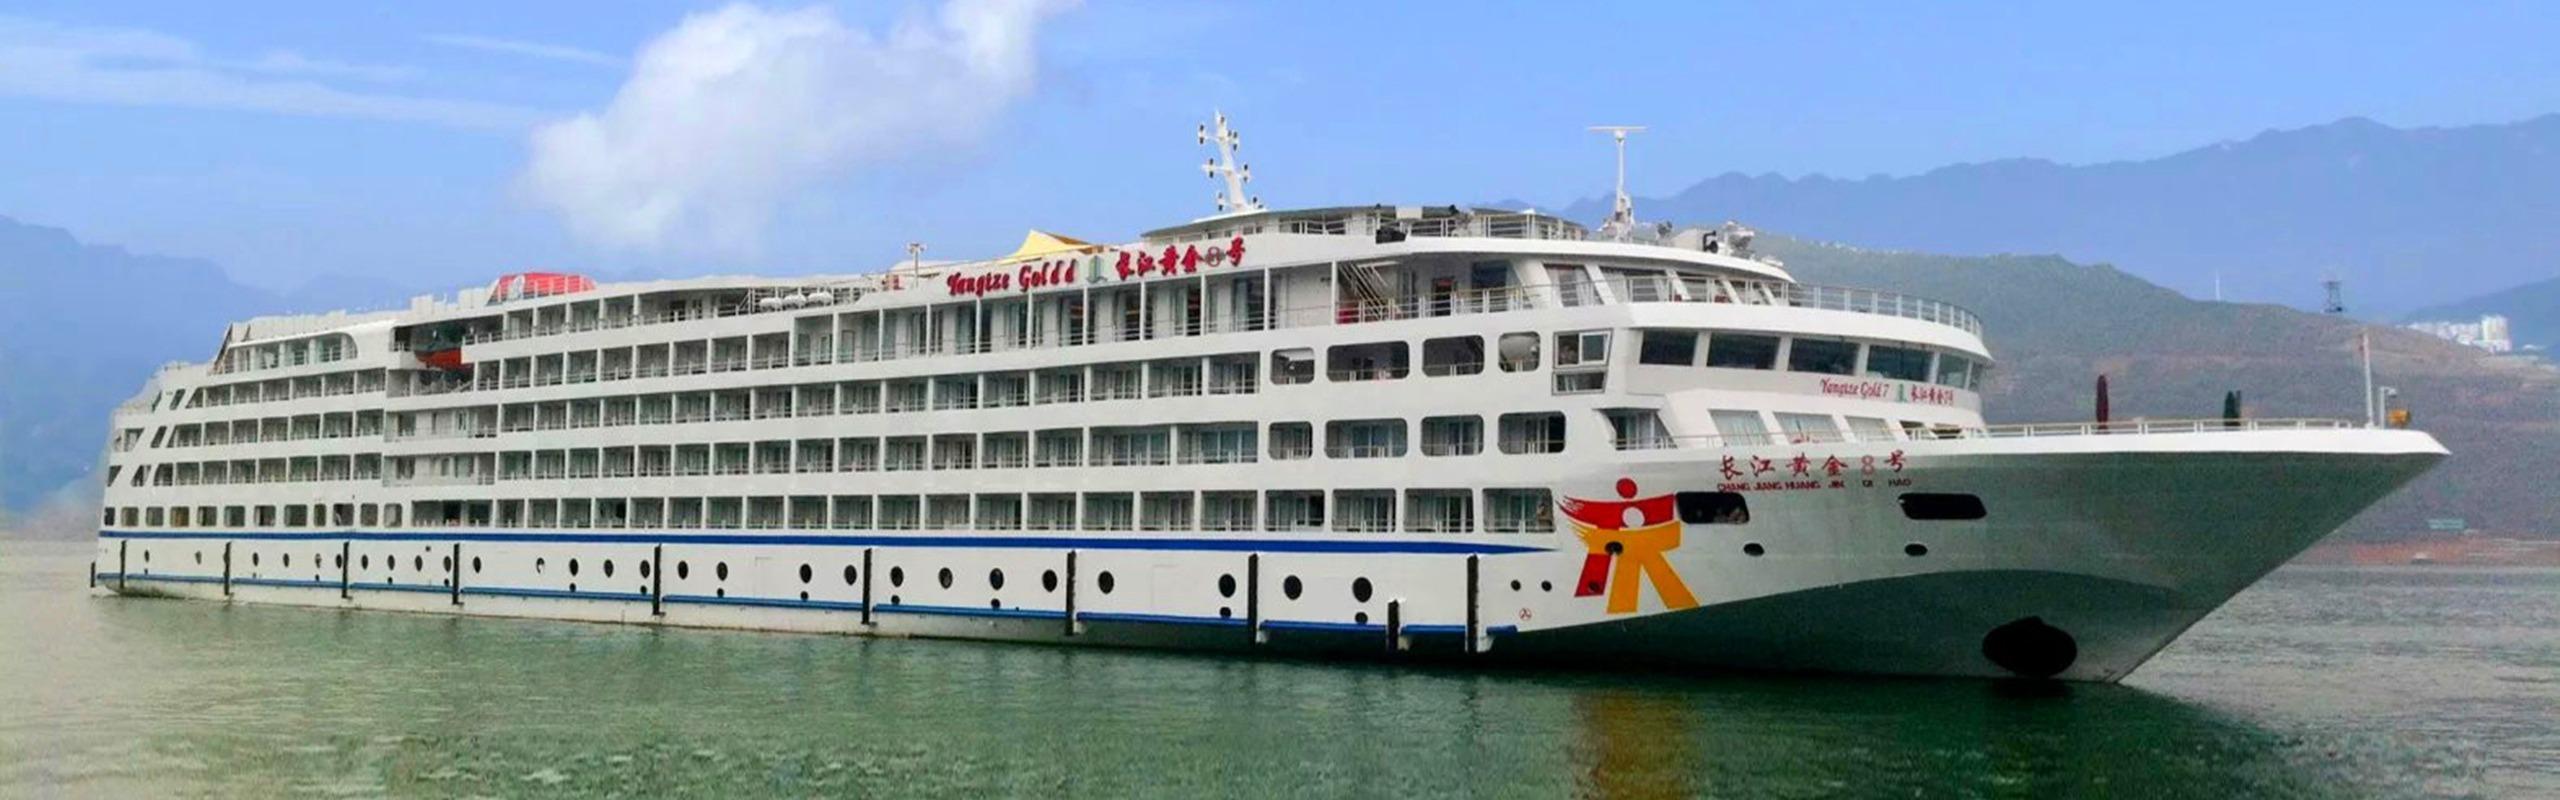 Yangtze Gold 8 Cruise